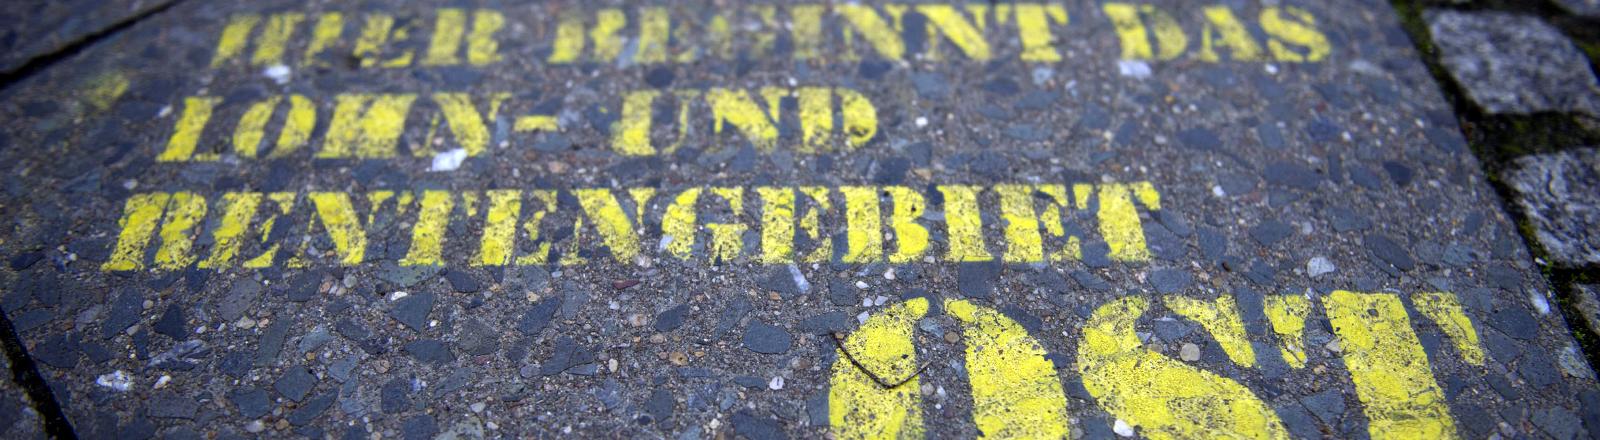 """Auf eine Straße ist """"Achtung, hier beginnt das Lohn- und Rentengebiet Ost"""" in gelber Farbe gesprüht"""